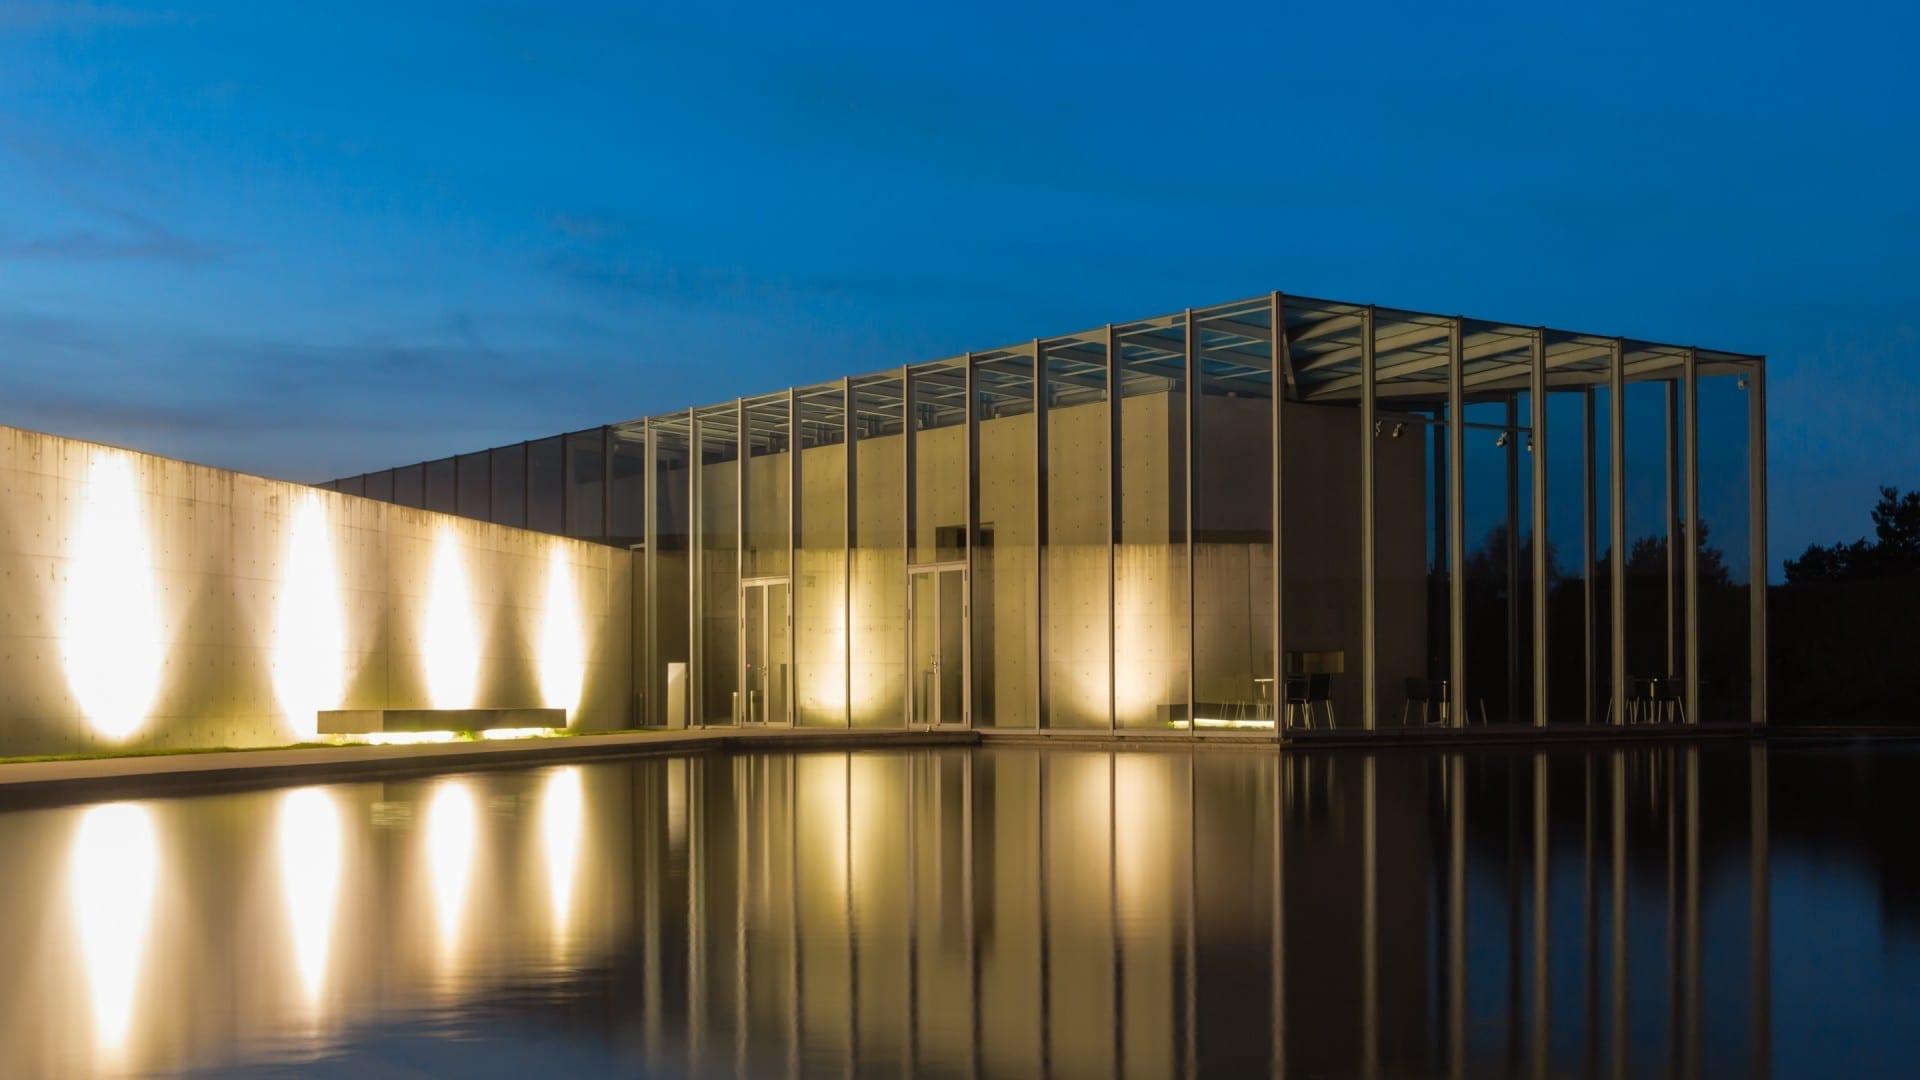 Edificio de exposición de la Fundación Langen en la antigua base de cohetes de la OTAN en Neuss Neuss Alemania